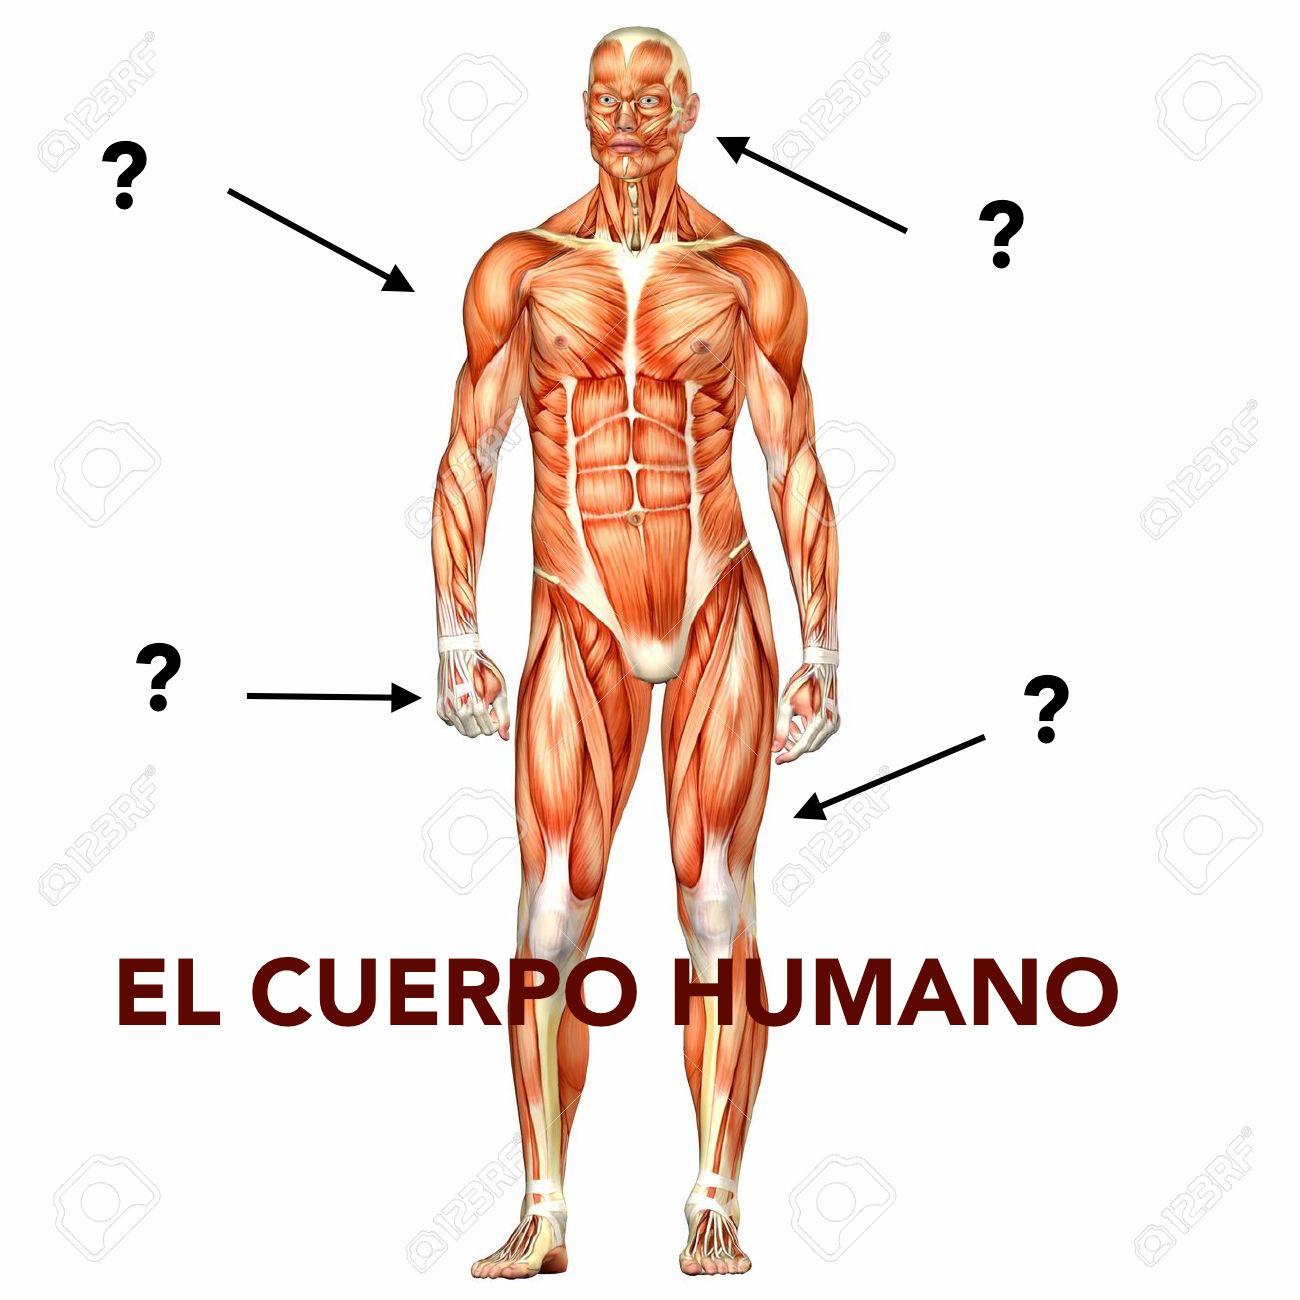 Faire une description physique en espagnol   coLanguage